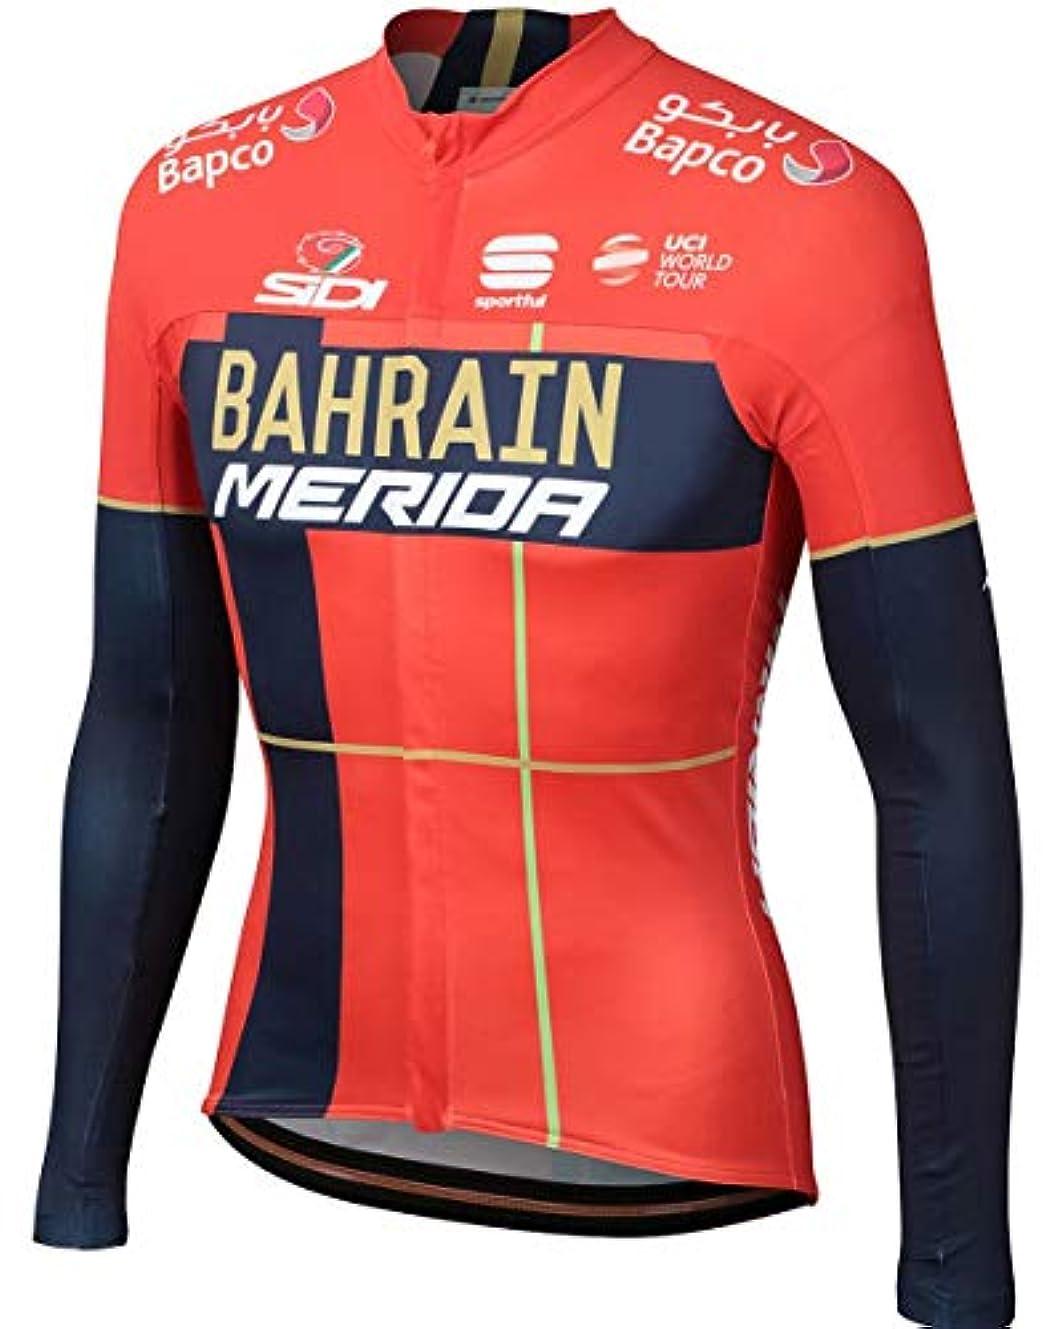 架空の適用する読者自転車ウェア 2019 Bahrain Merida Sサイズ 長袖ジャージ Bodyfit pro